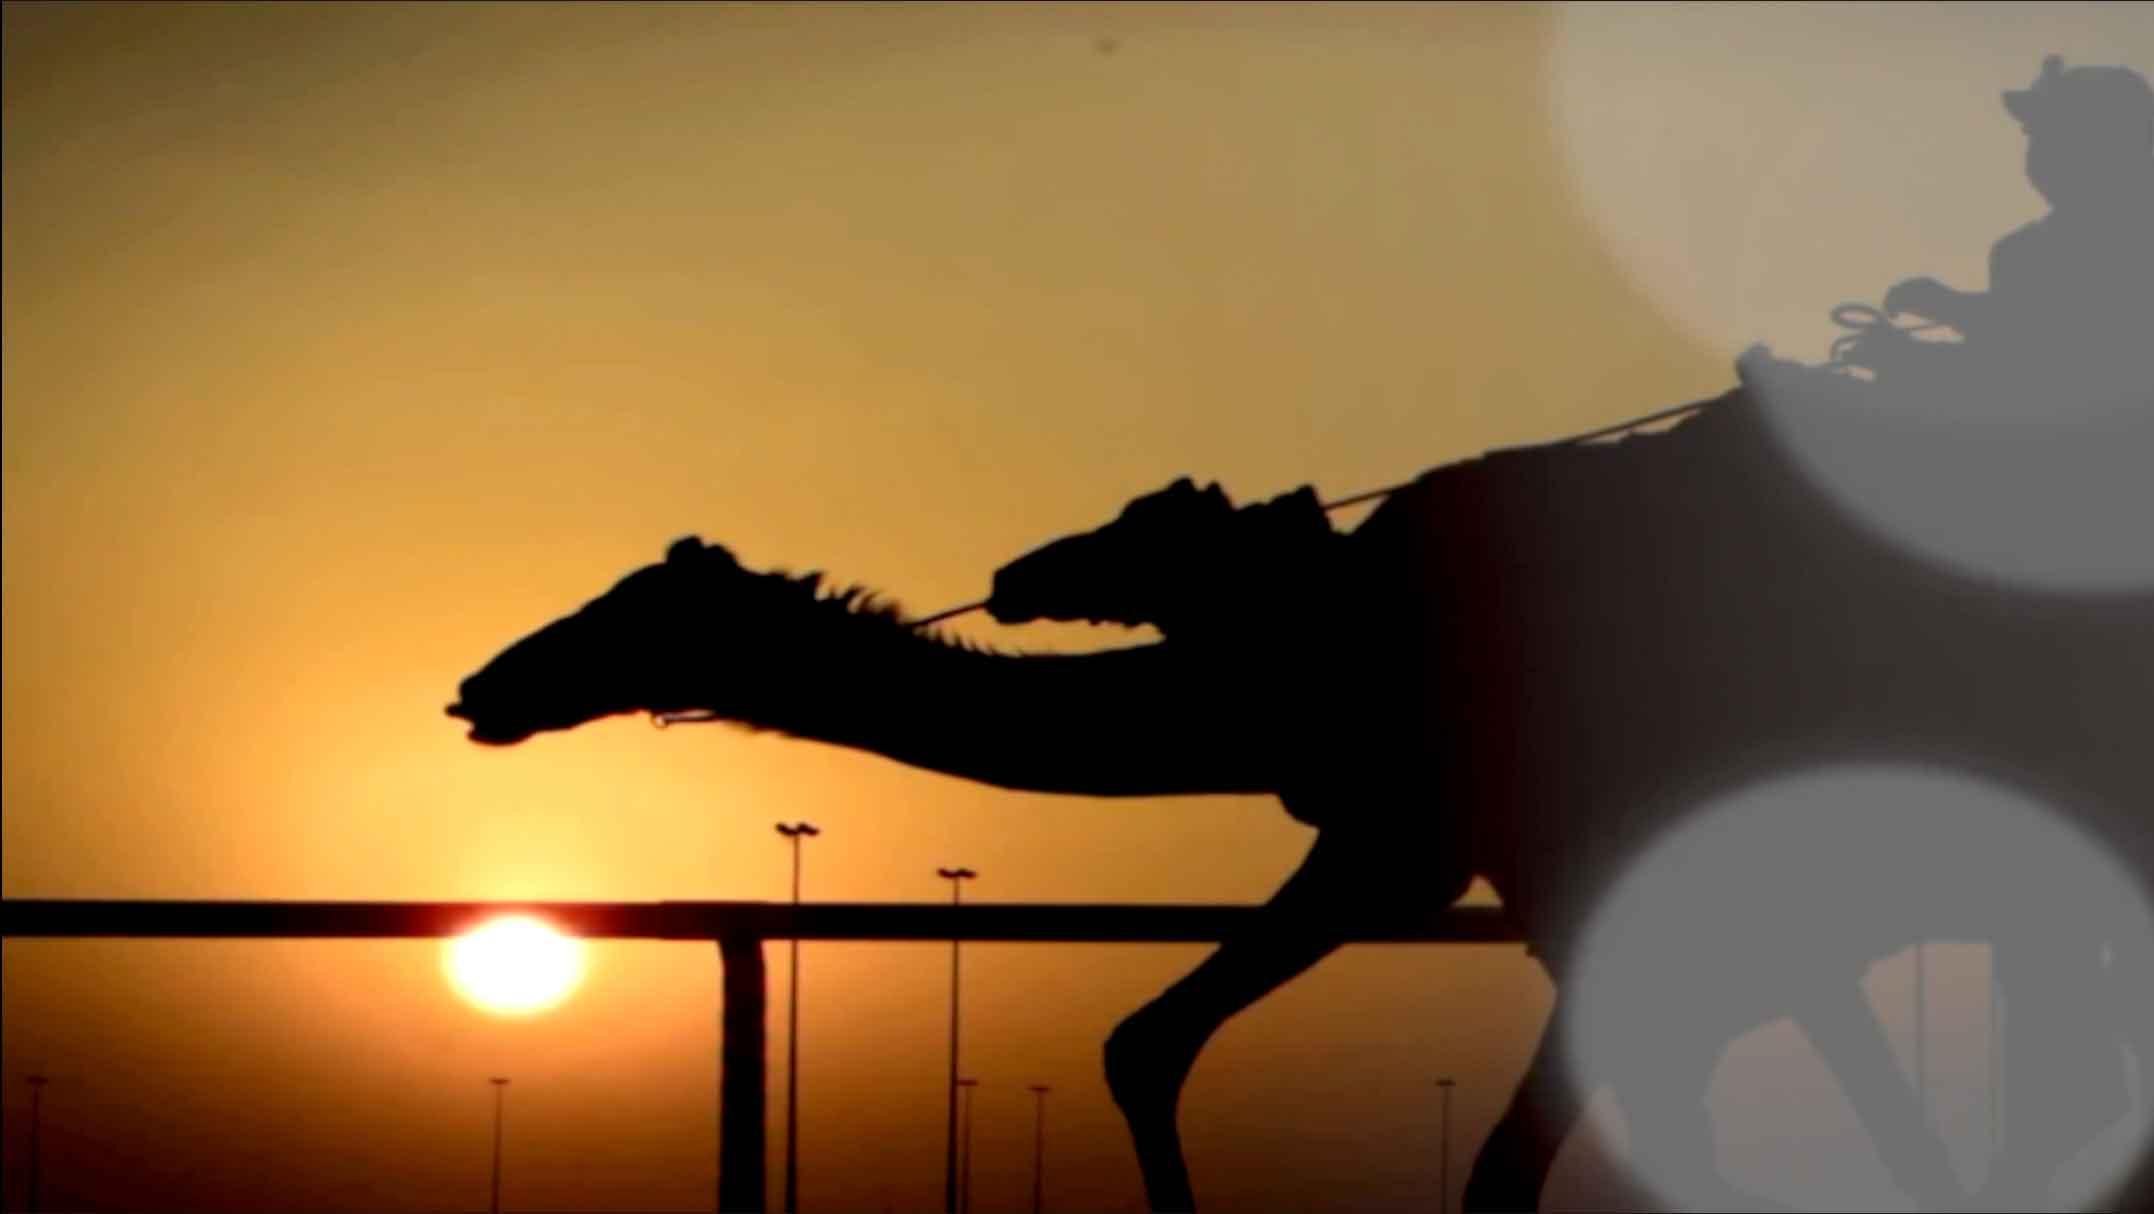 ملخص السباق الختامي للحيل والزمول (لأصحاب السمو الشيوخ) بمهرجان ختامي المرموم ١٢-٤-٢٠٢١